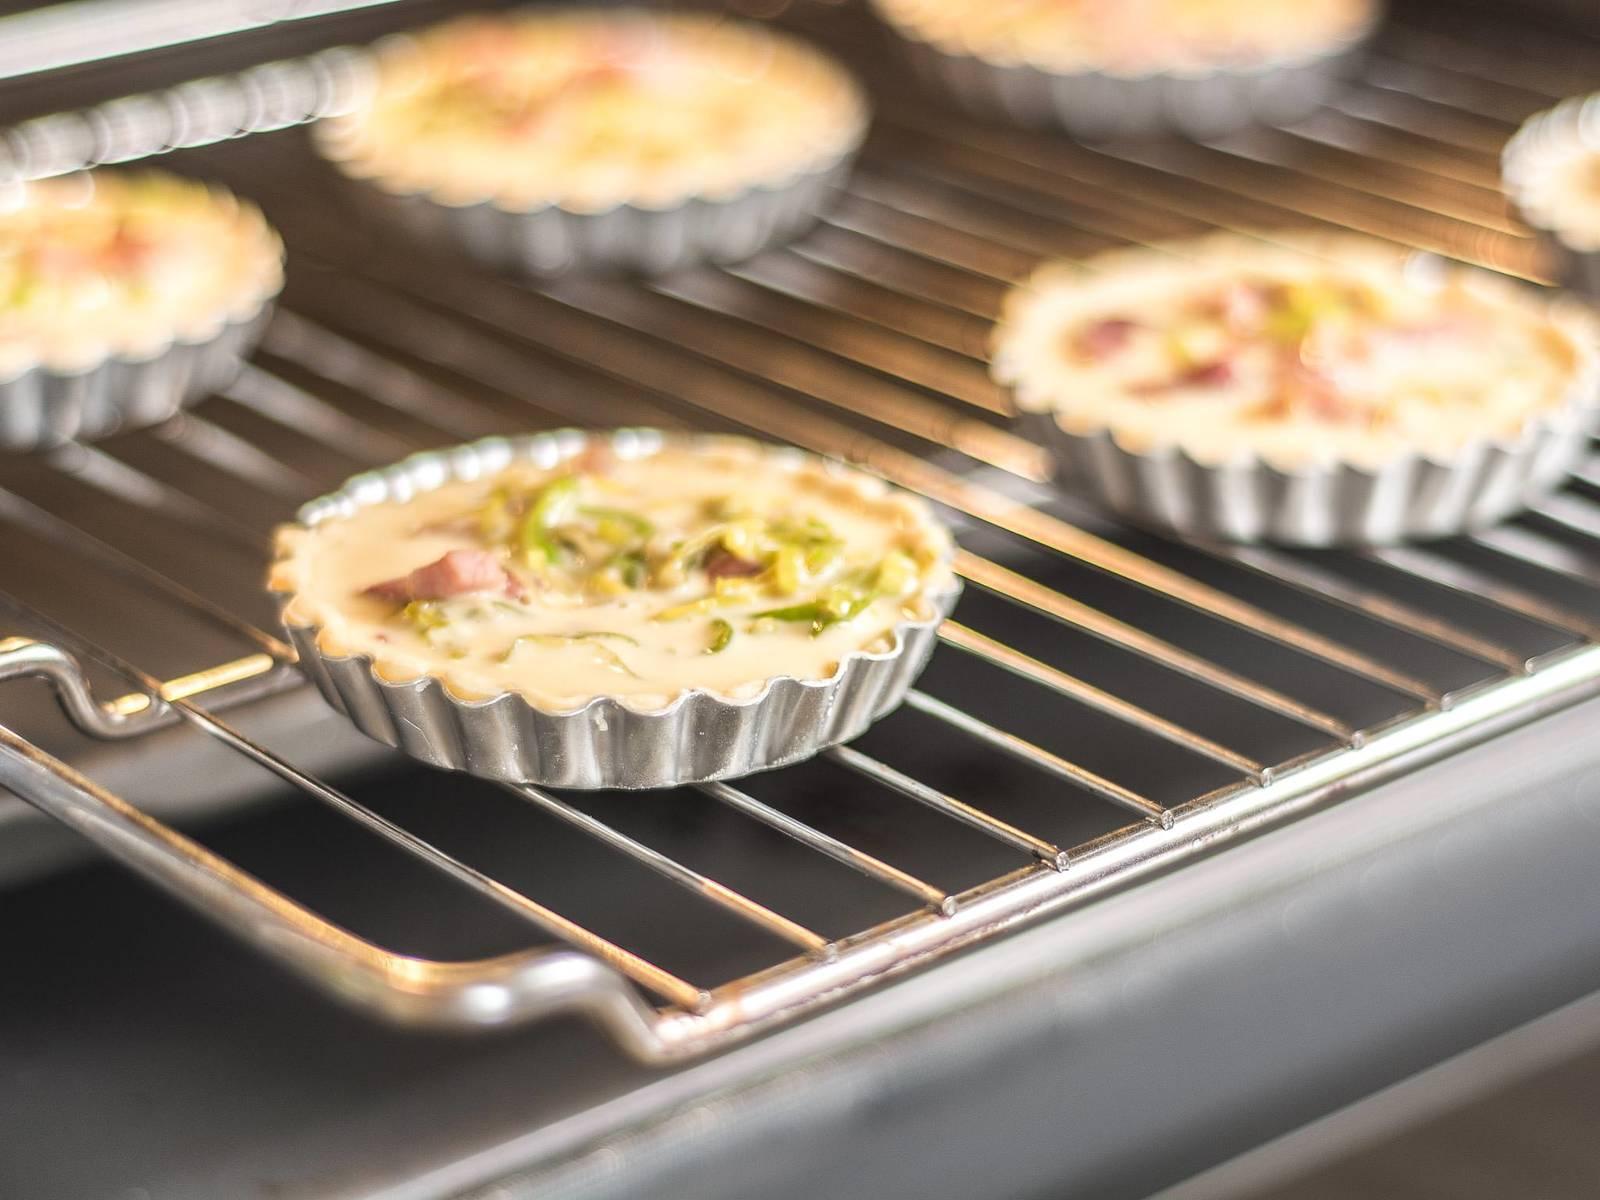 放入已预热至200摄氏度的烤箱内再烤约20分钟,至金黄色。冷却10-15分钟后即可享用。